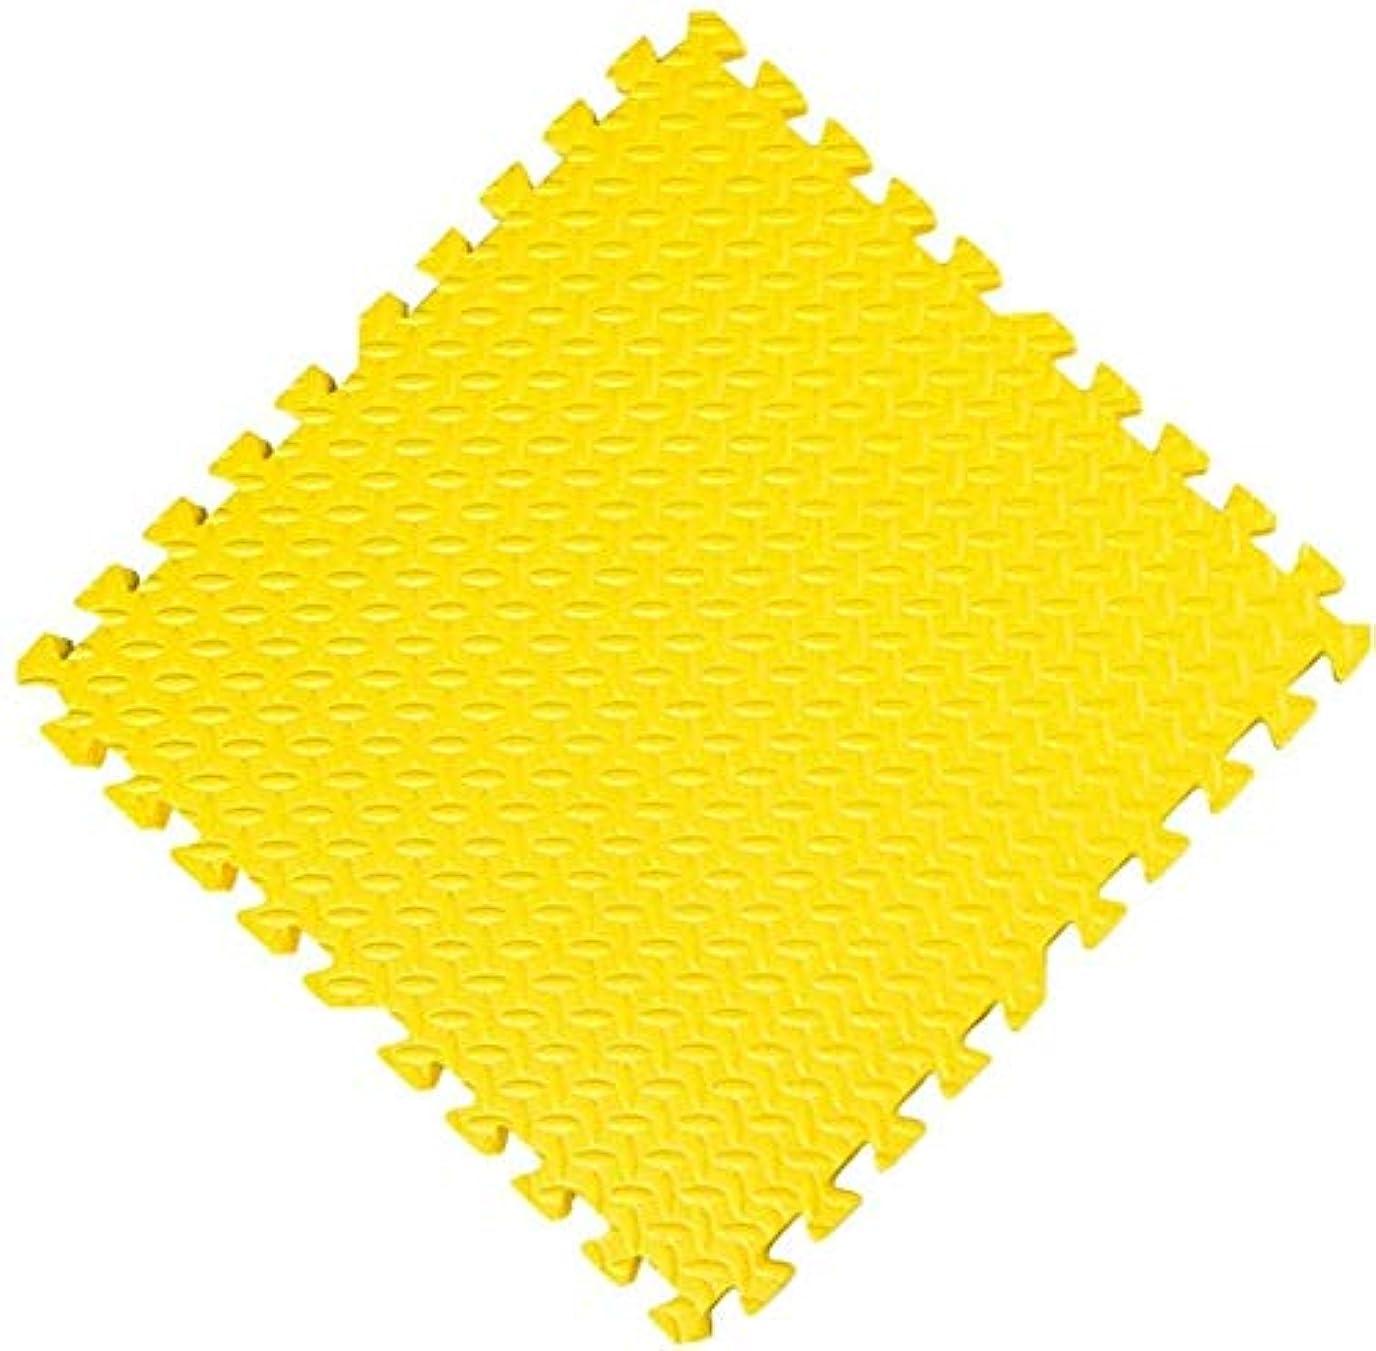 努力する荒涼としたマングルLSHGJ フロアマット泡フロアタイルベビープレイマット用フロアエヴァ連動フロアマットジムフローリングの泡の床タイル (Color : D, Size : 30x30x1.0cm/40 sheet)